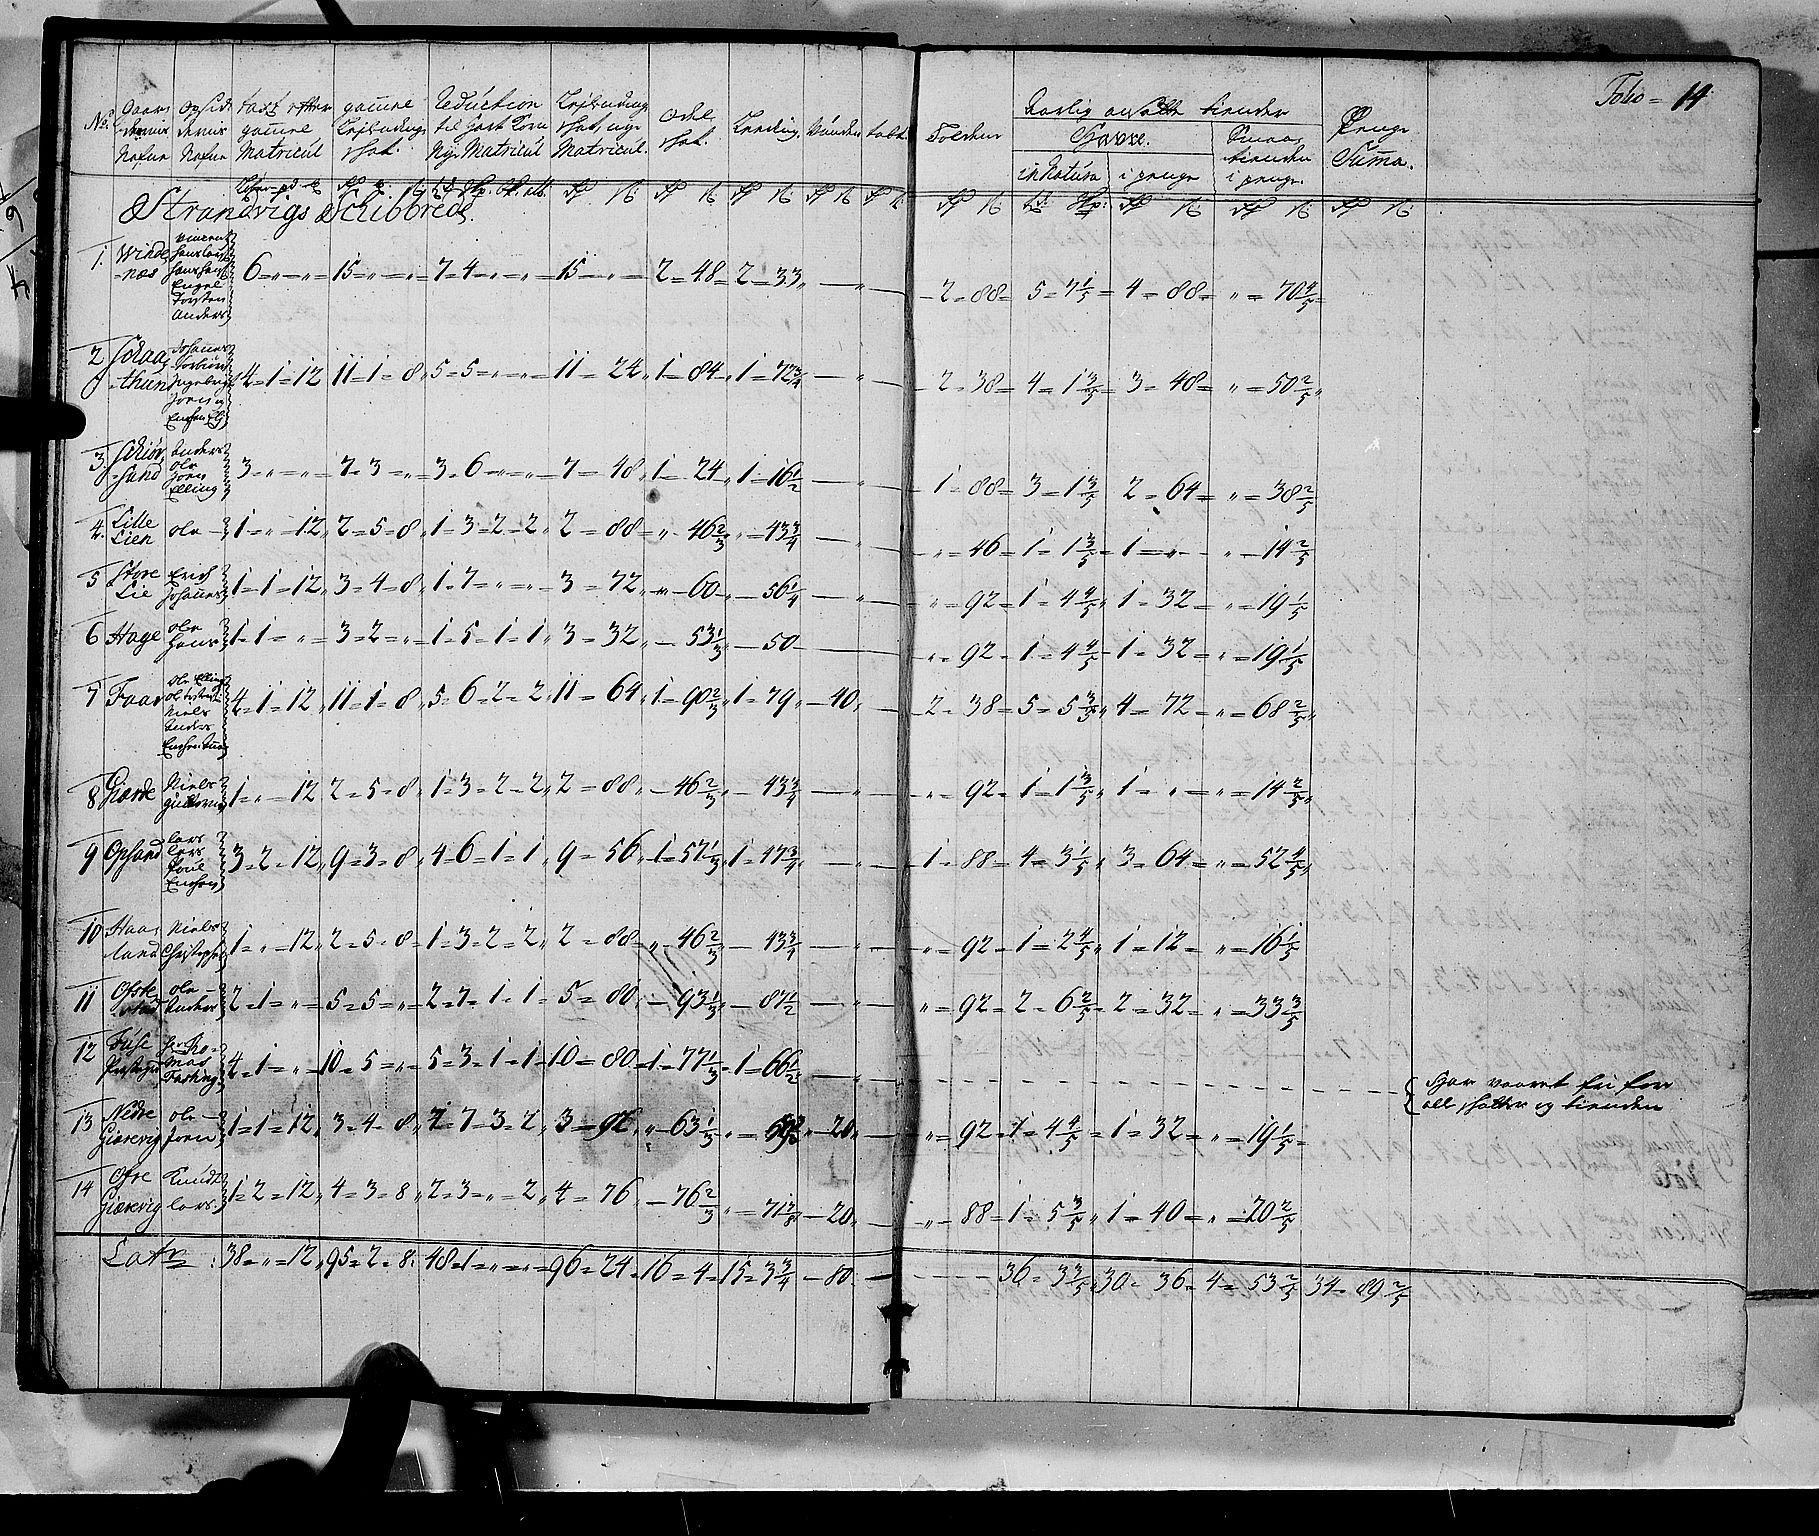 RA, Rentekammeret inntil 1814, Realistisk ordnet avdeling, N/Nb/Nbf/L0135: Sunnhordland matrikkelprotokoll, 1723, s. 13b-14a